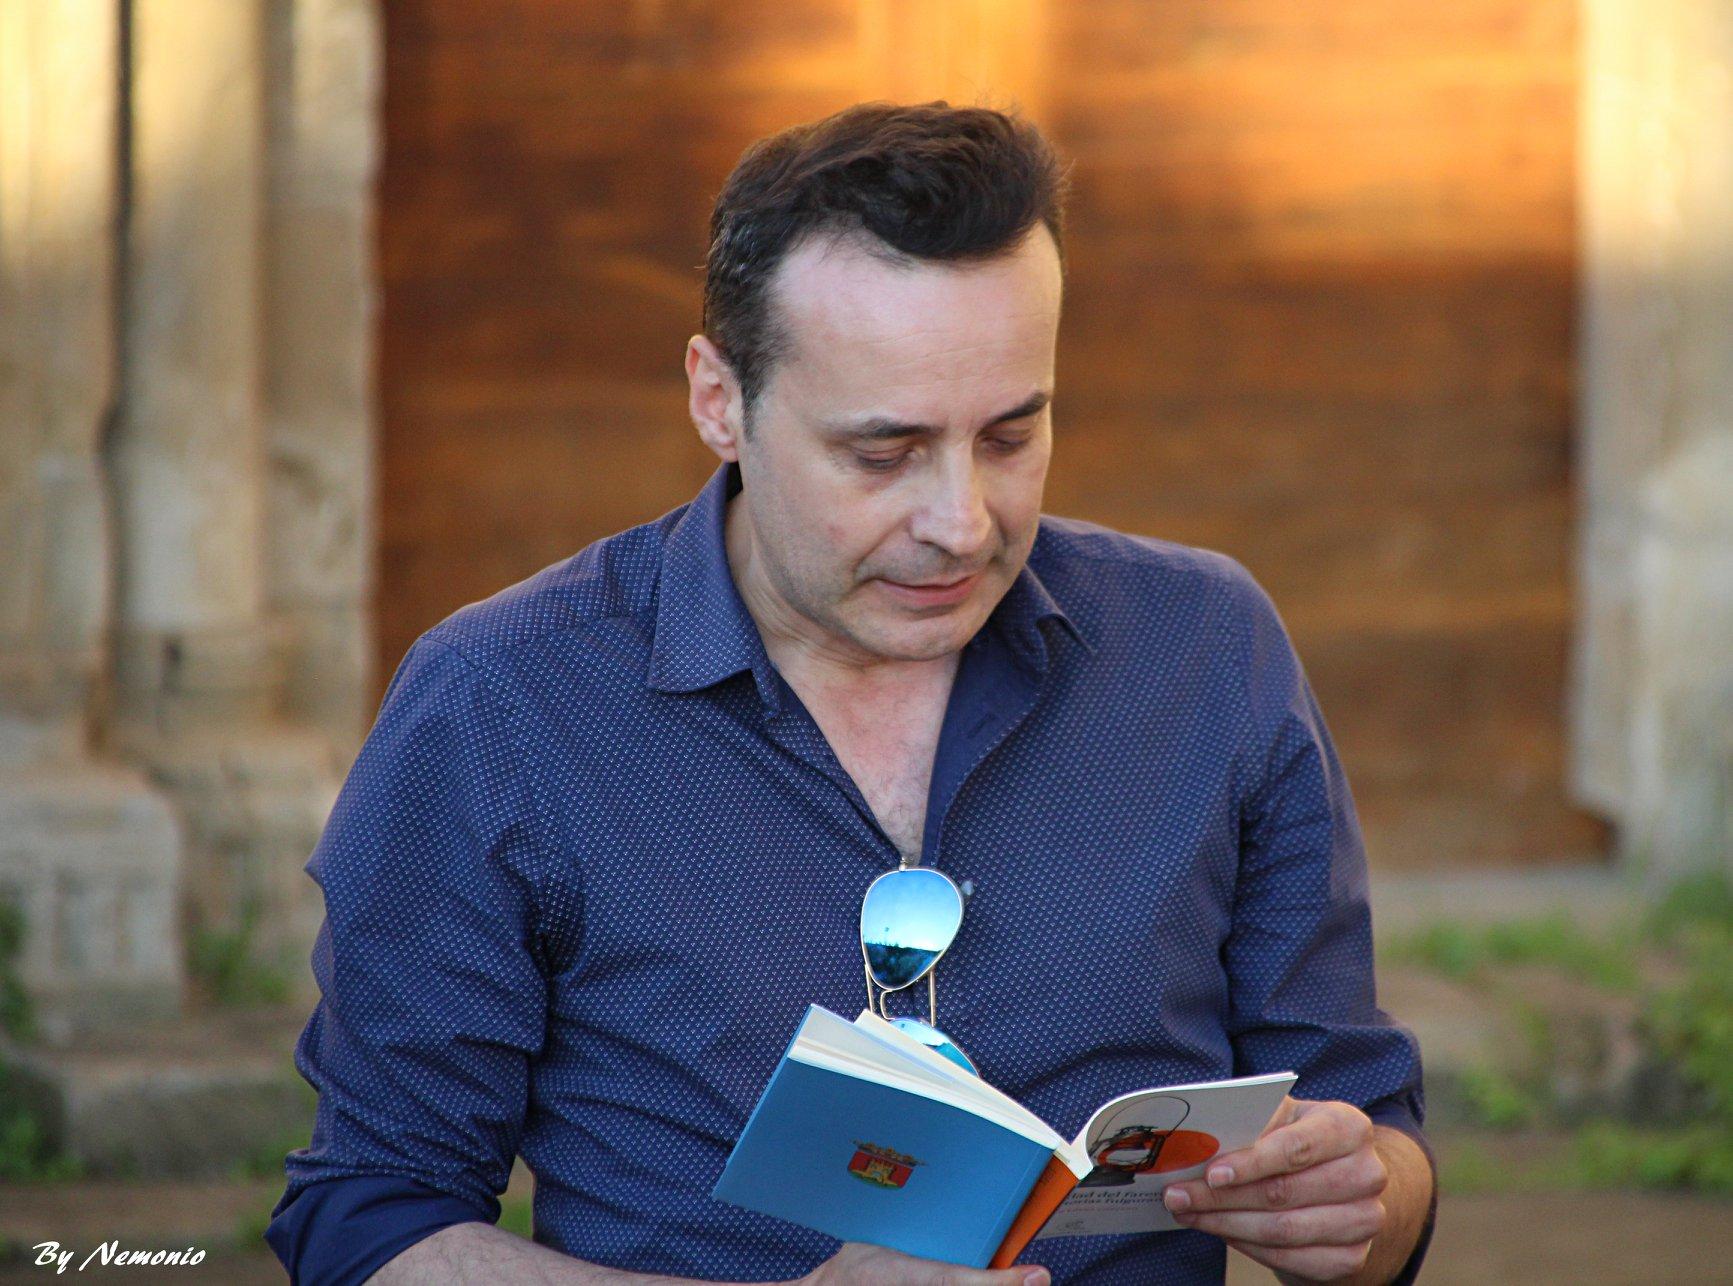 Carlos Fidalgo, Premio de Periodismo Francisco de Cossío, por el trabajo titulado 'Las cuencas vacías' 1